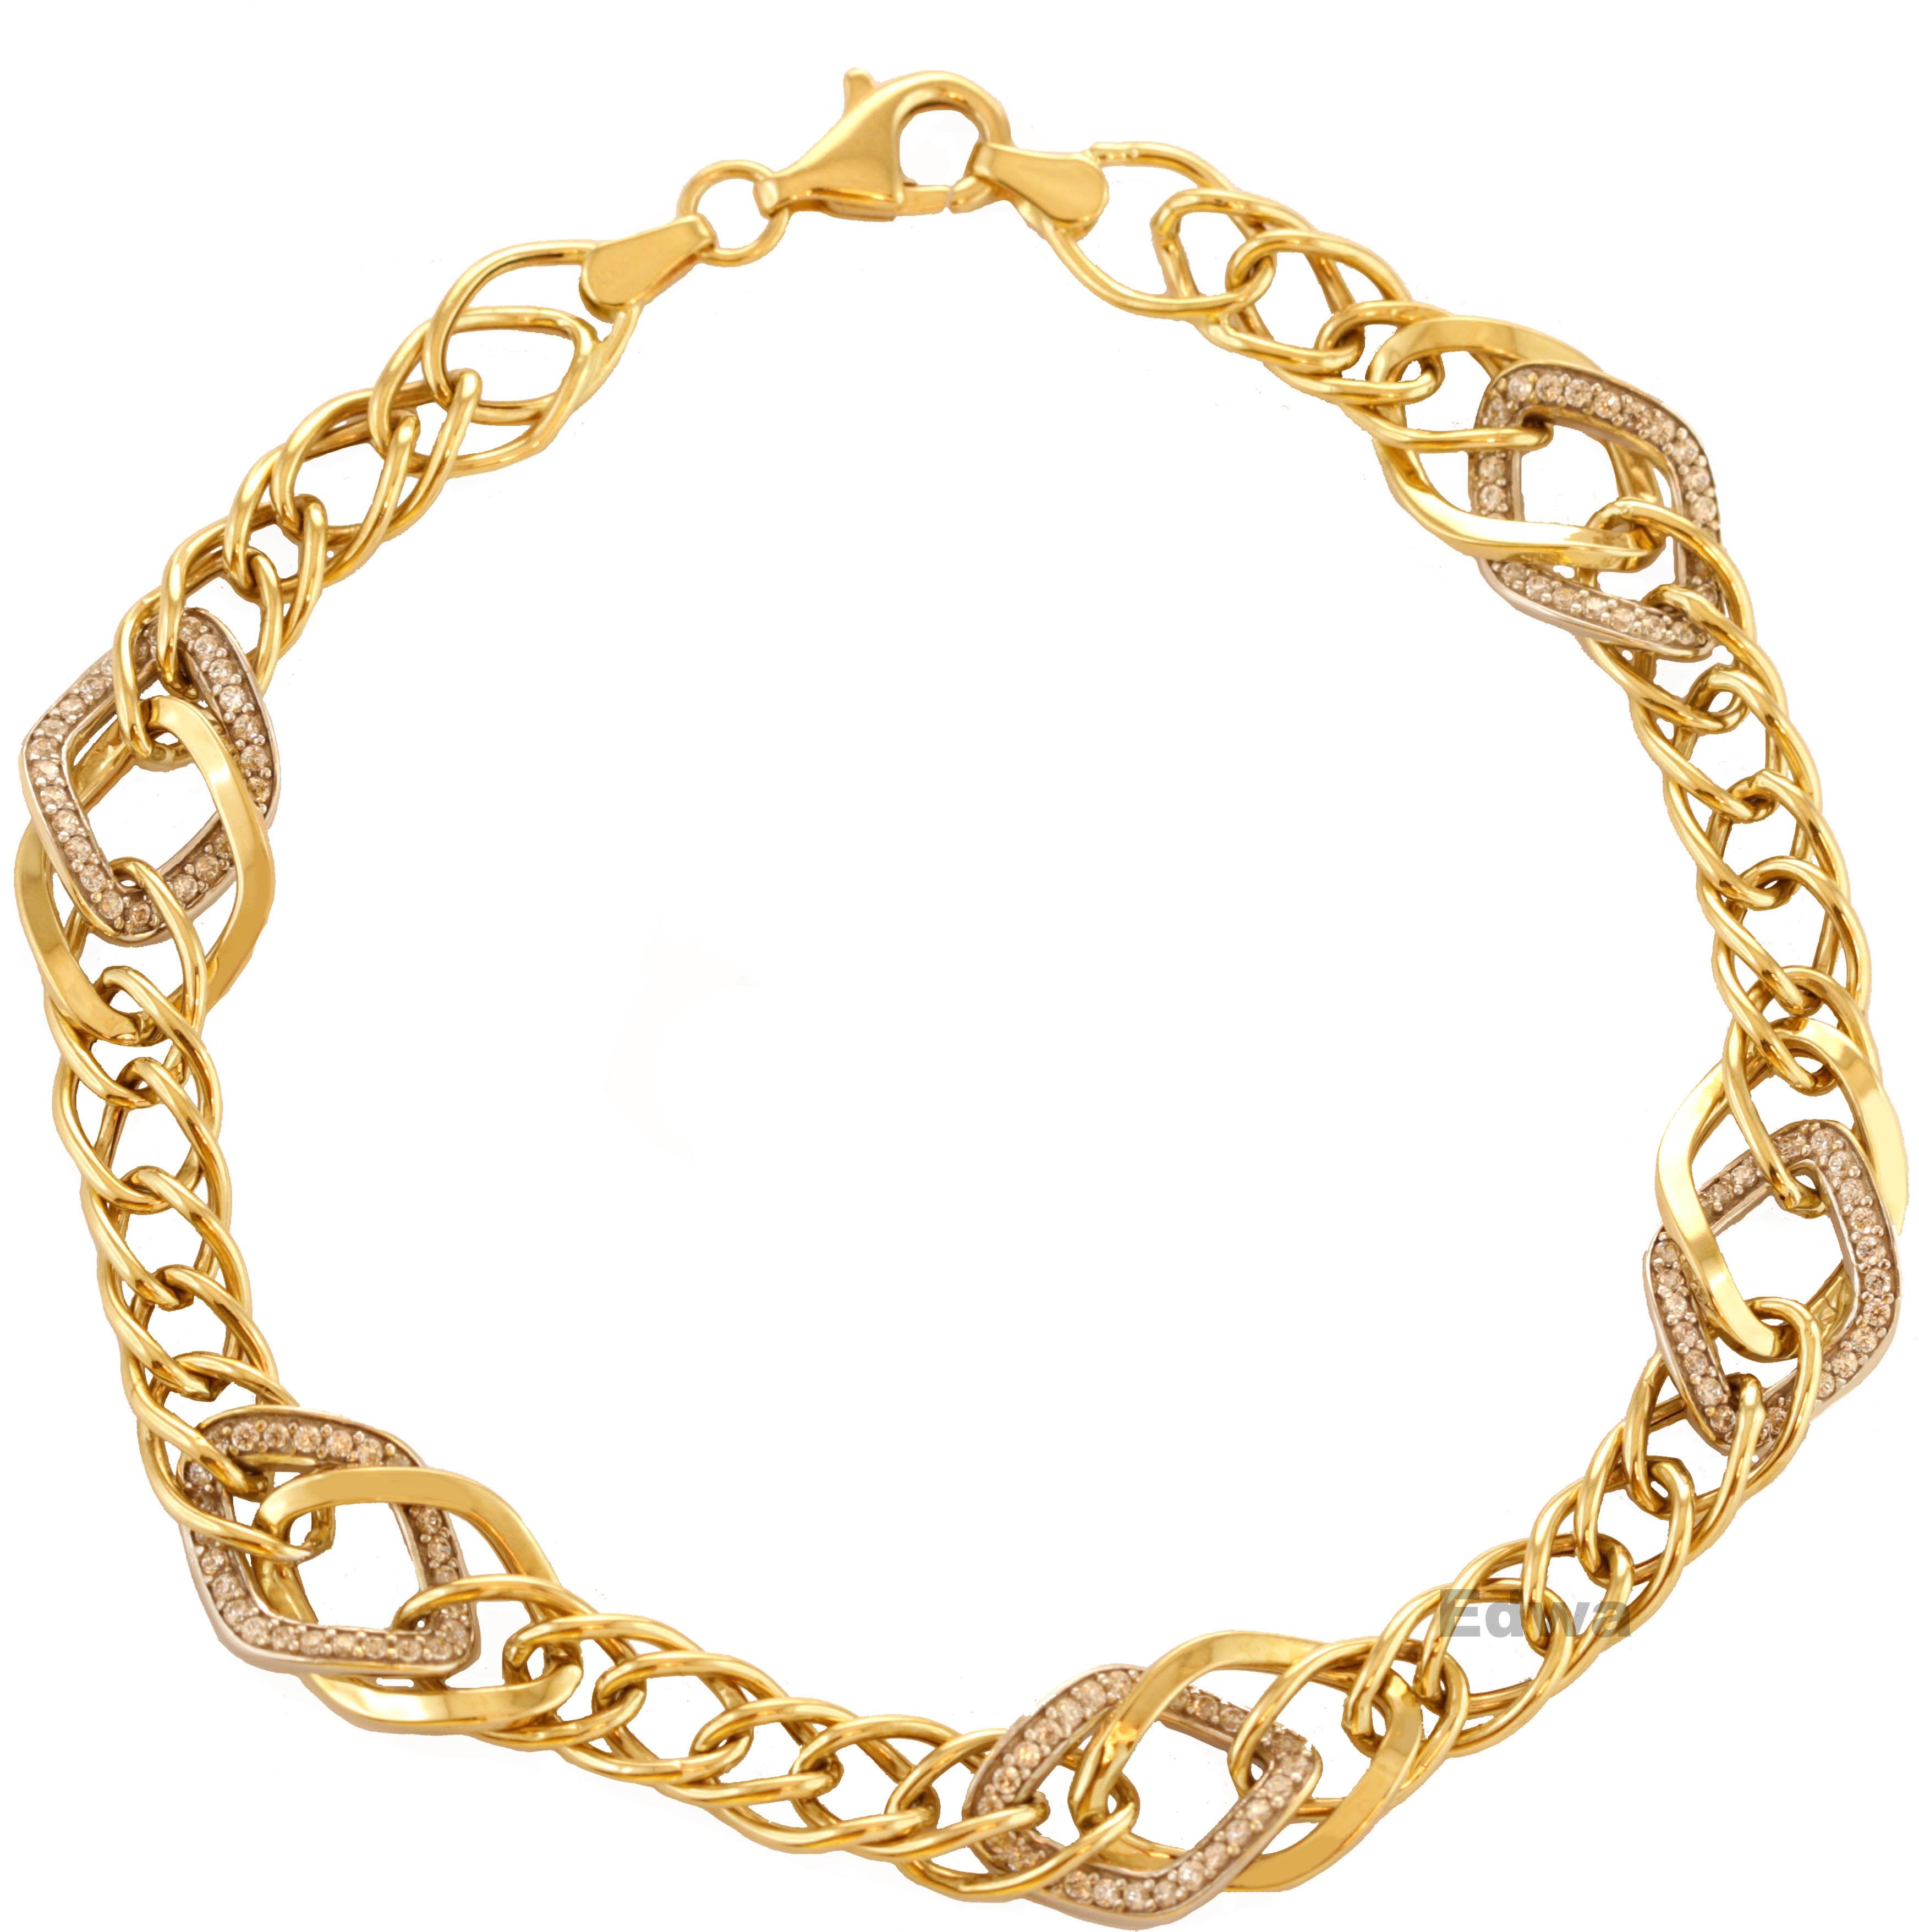 Bransoletka złota z cyrkoniami pr.585 21 cm